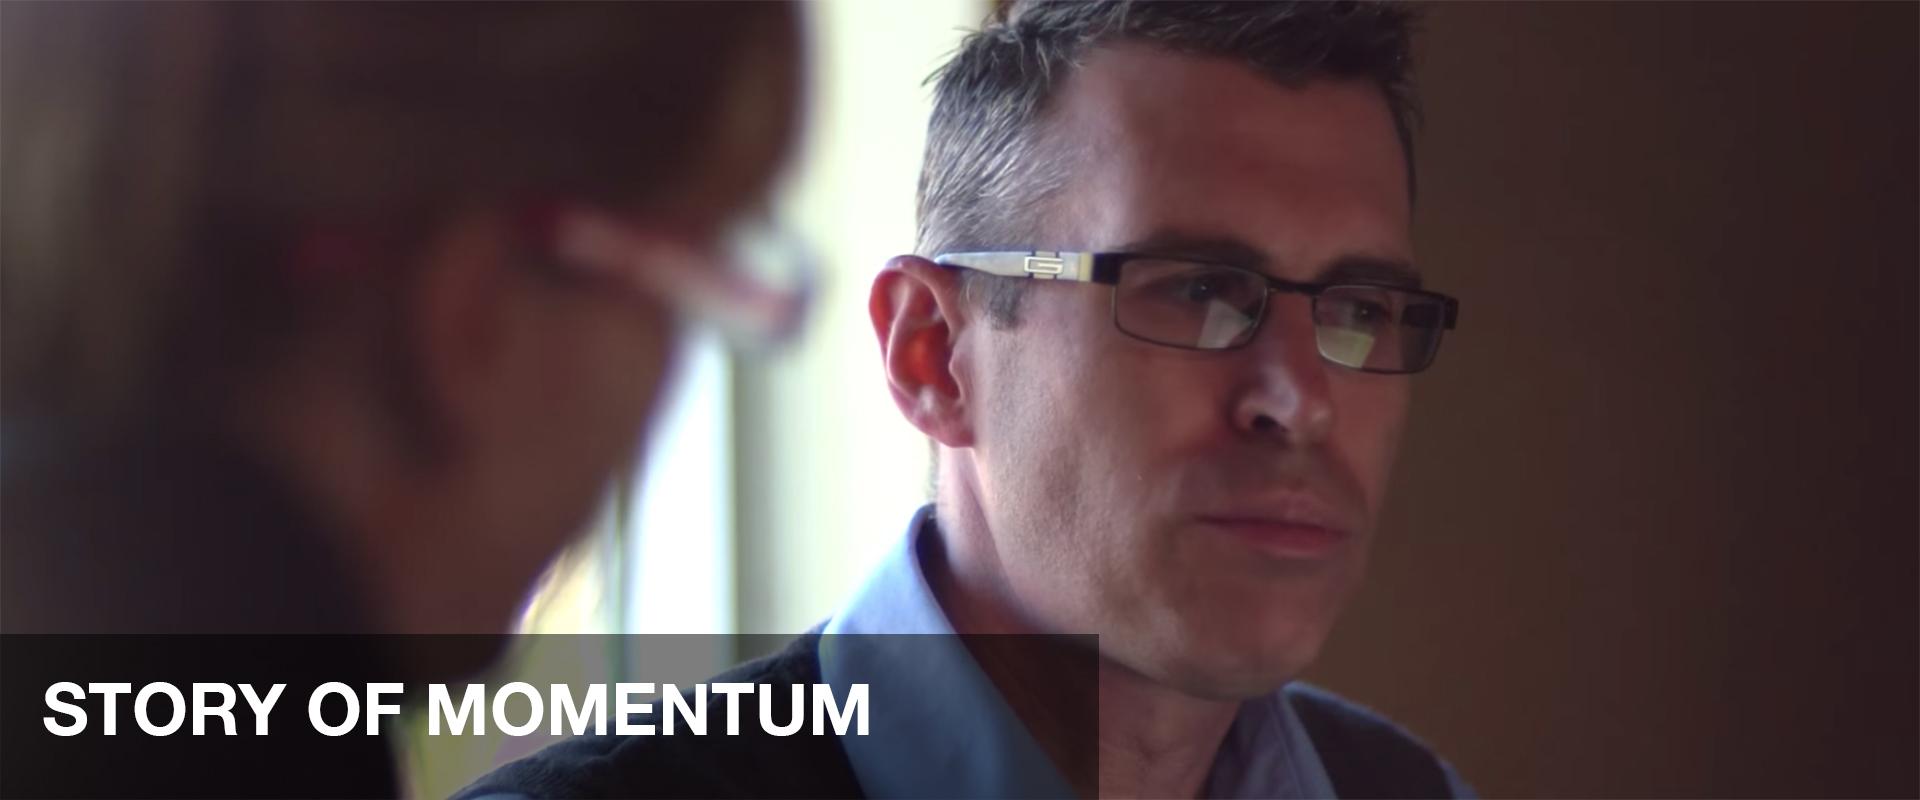 STORY OF MOMENTUM